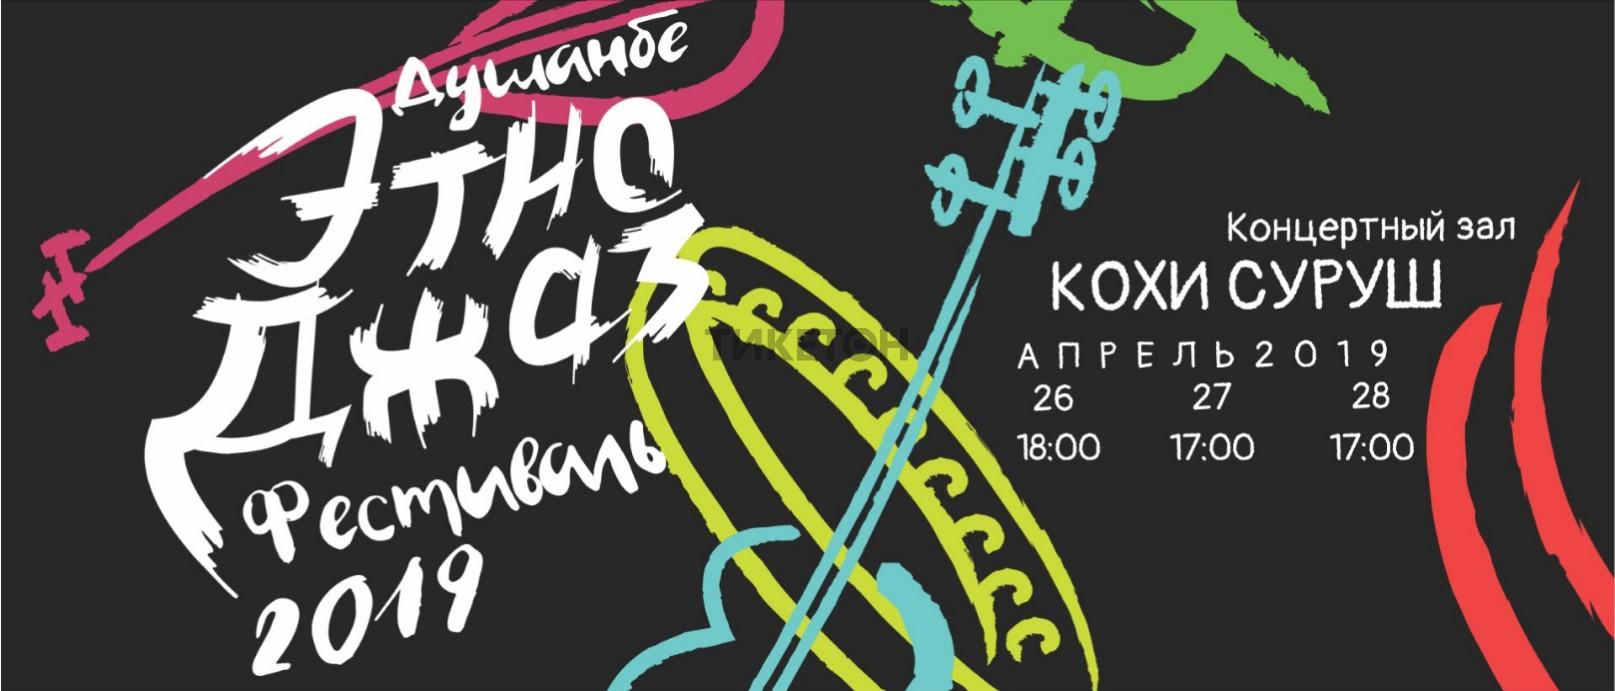 dushanbinskiy-etno-dzhazovyy-festival-2019-tj